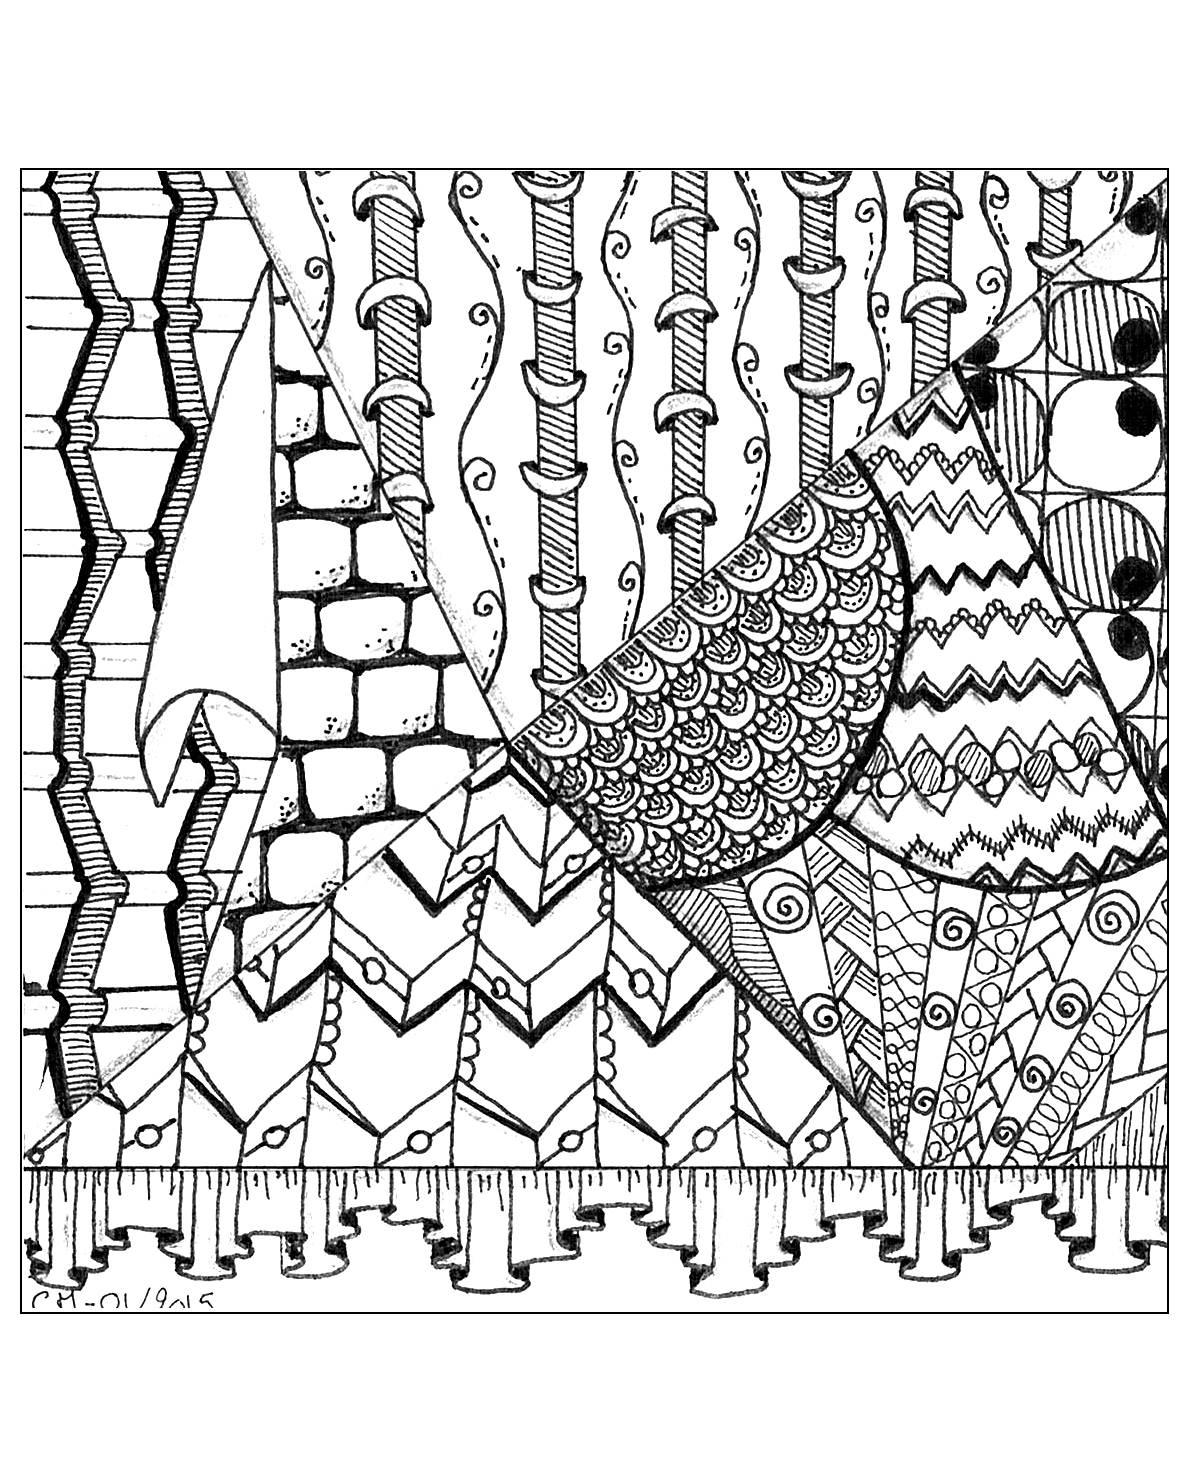 Disegni da colorare per adulti : Zentangle - 22